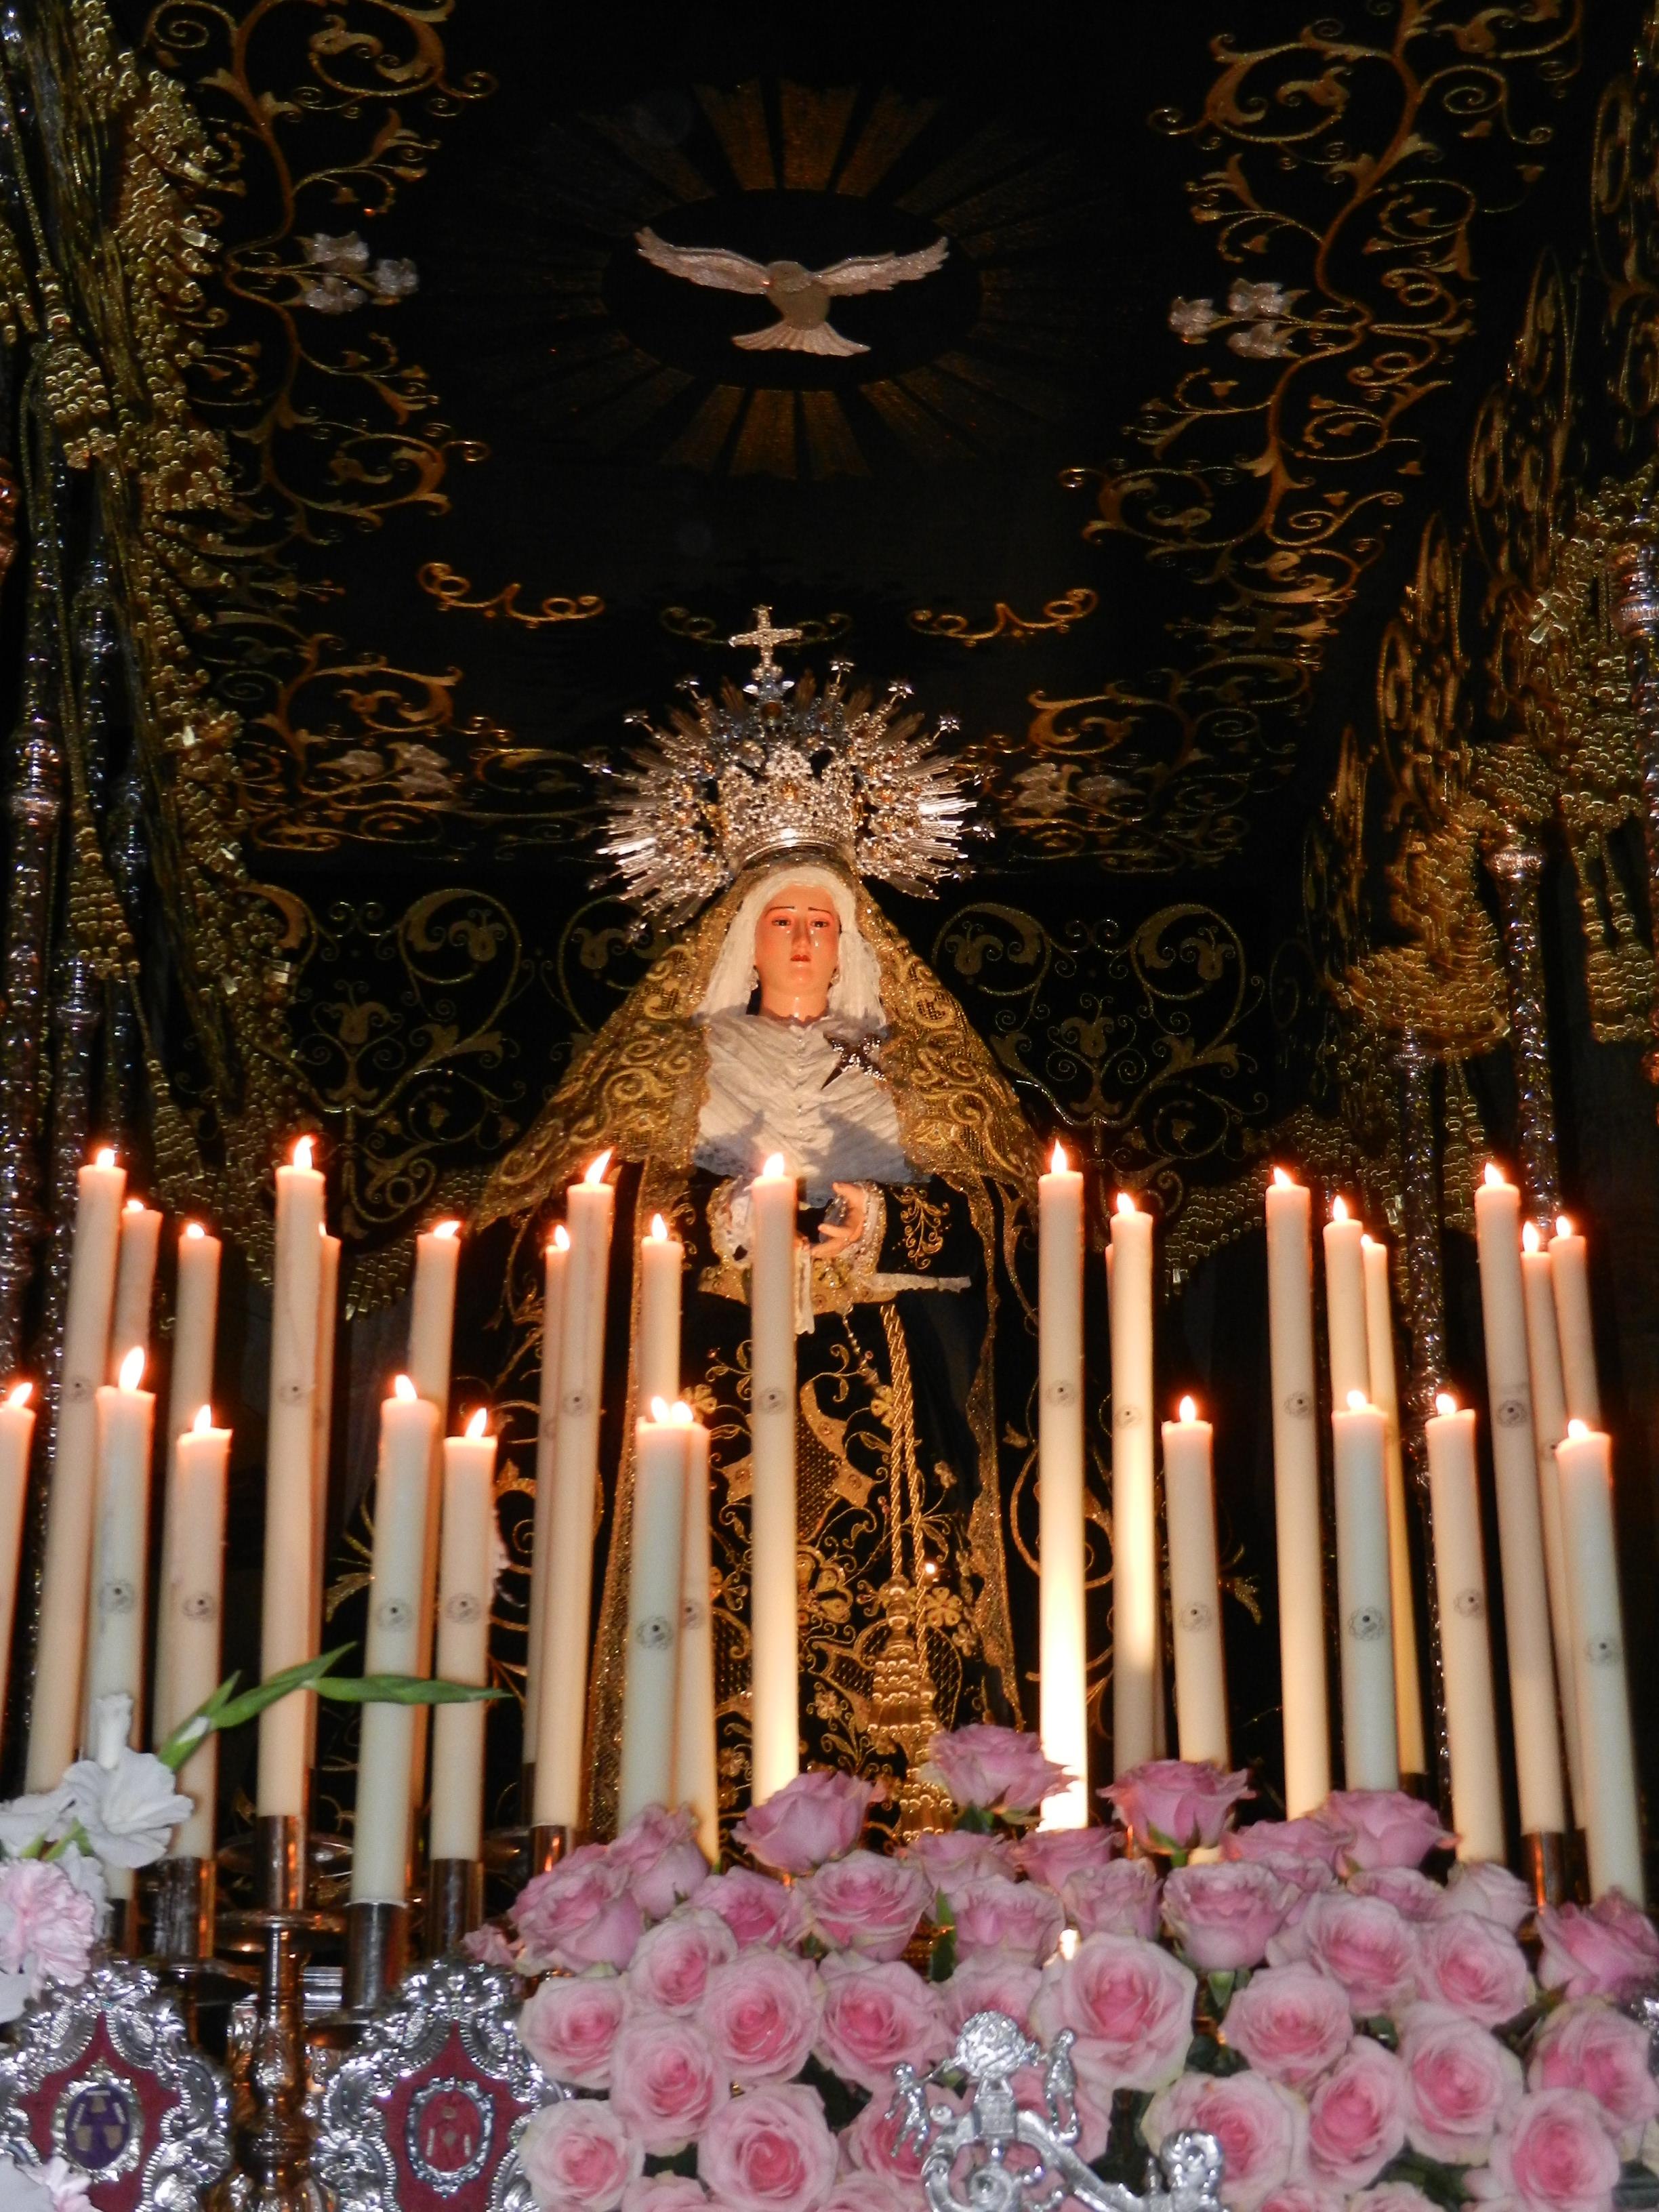 La Virgen de la Soledad pasea por el templo